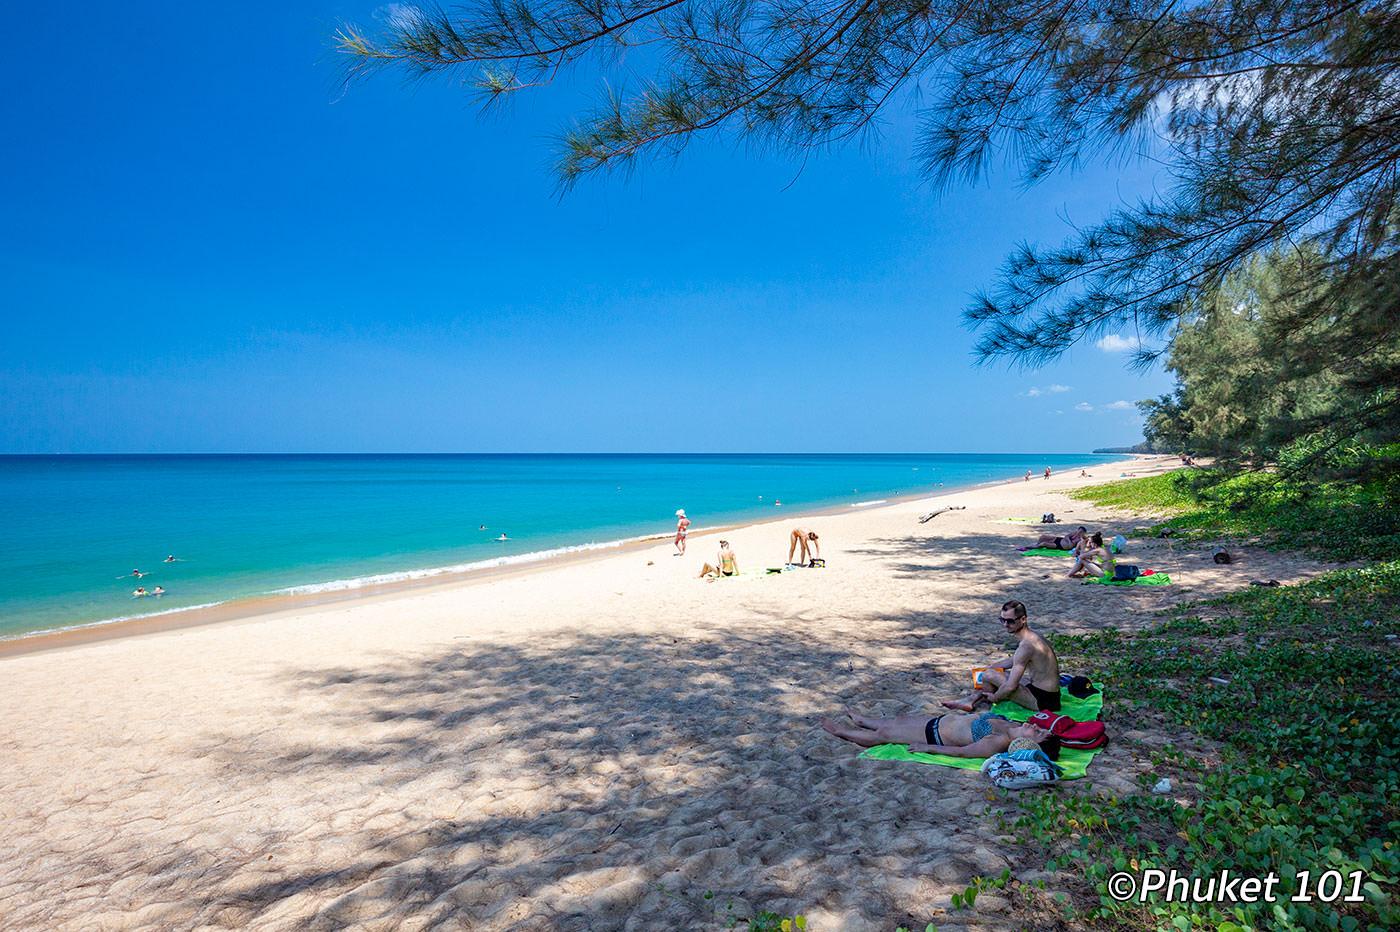 Maikhao Beach in Phuket